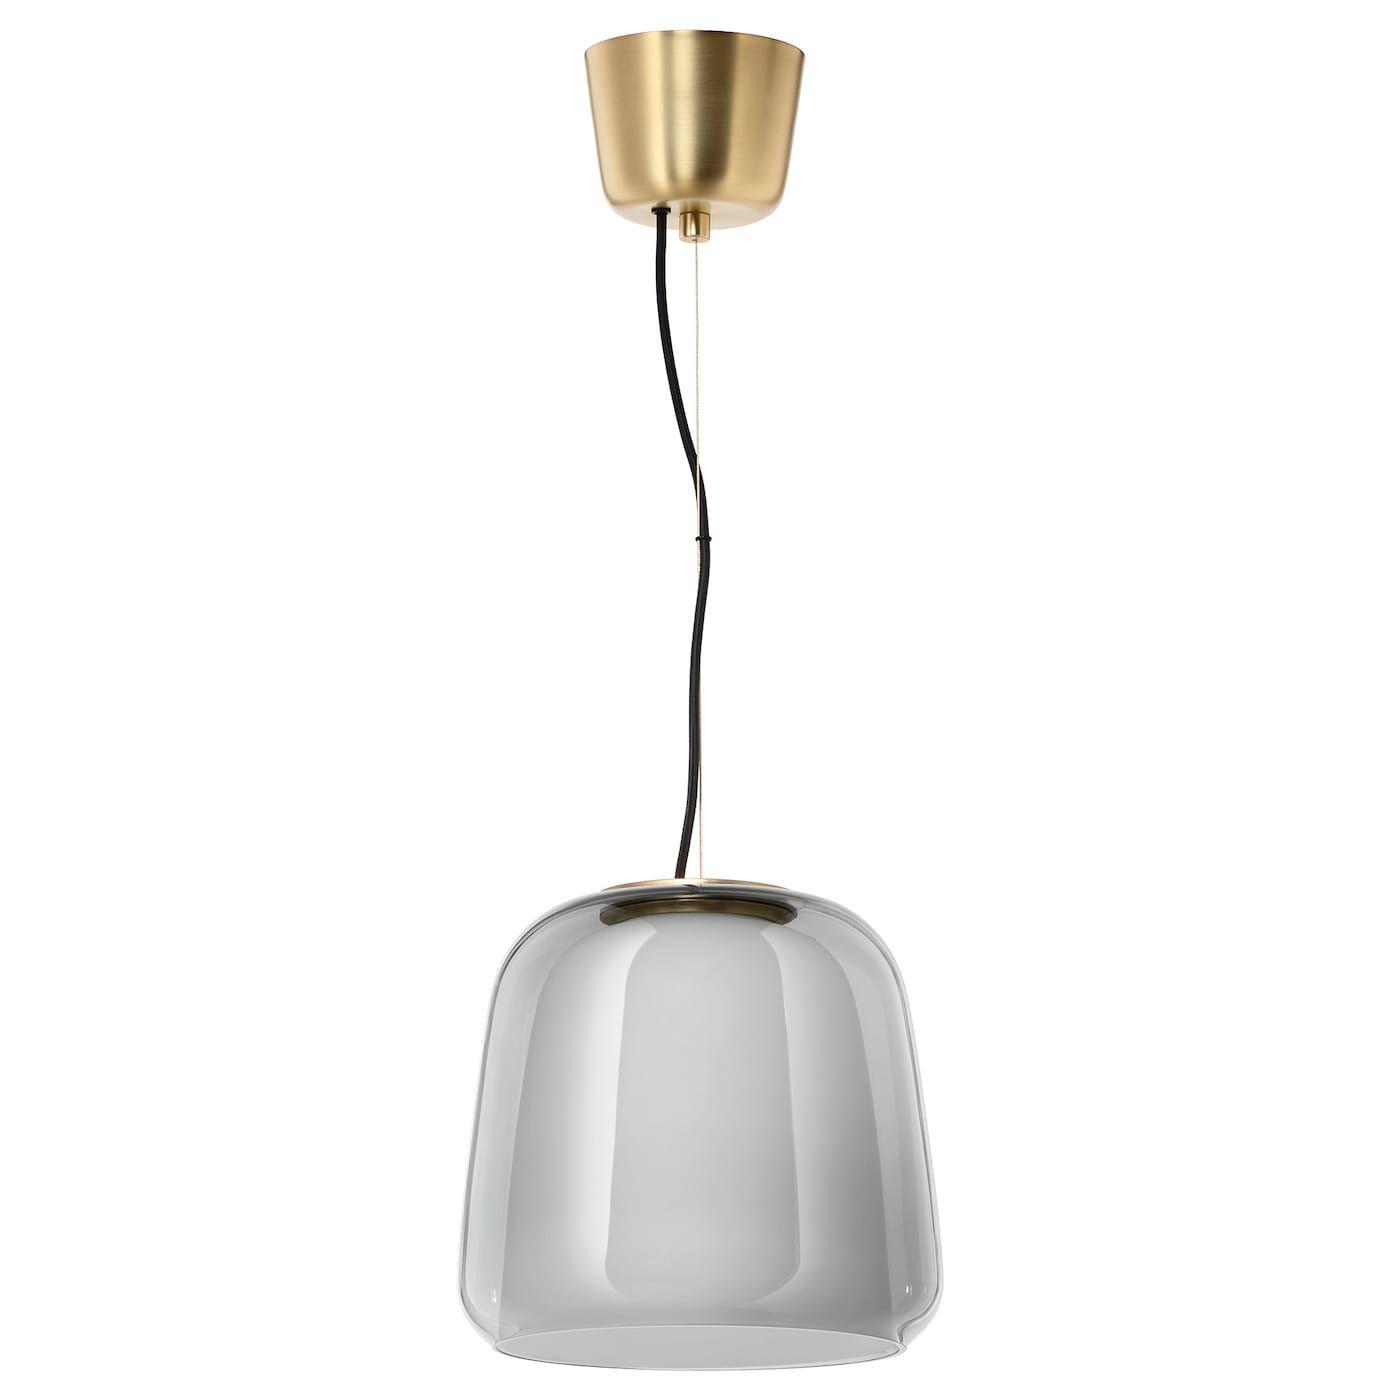 Evedal Hangeleuchte Grau Ikea Deutschland In 2020 Anhanger Lampen Hangeleuchte Deckenlampe